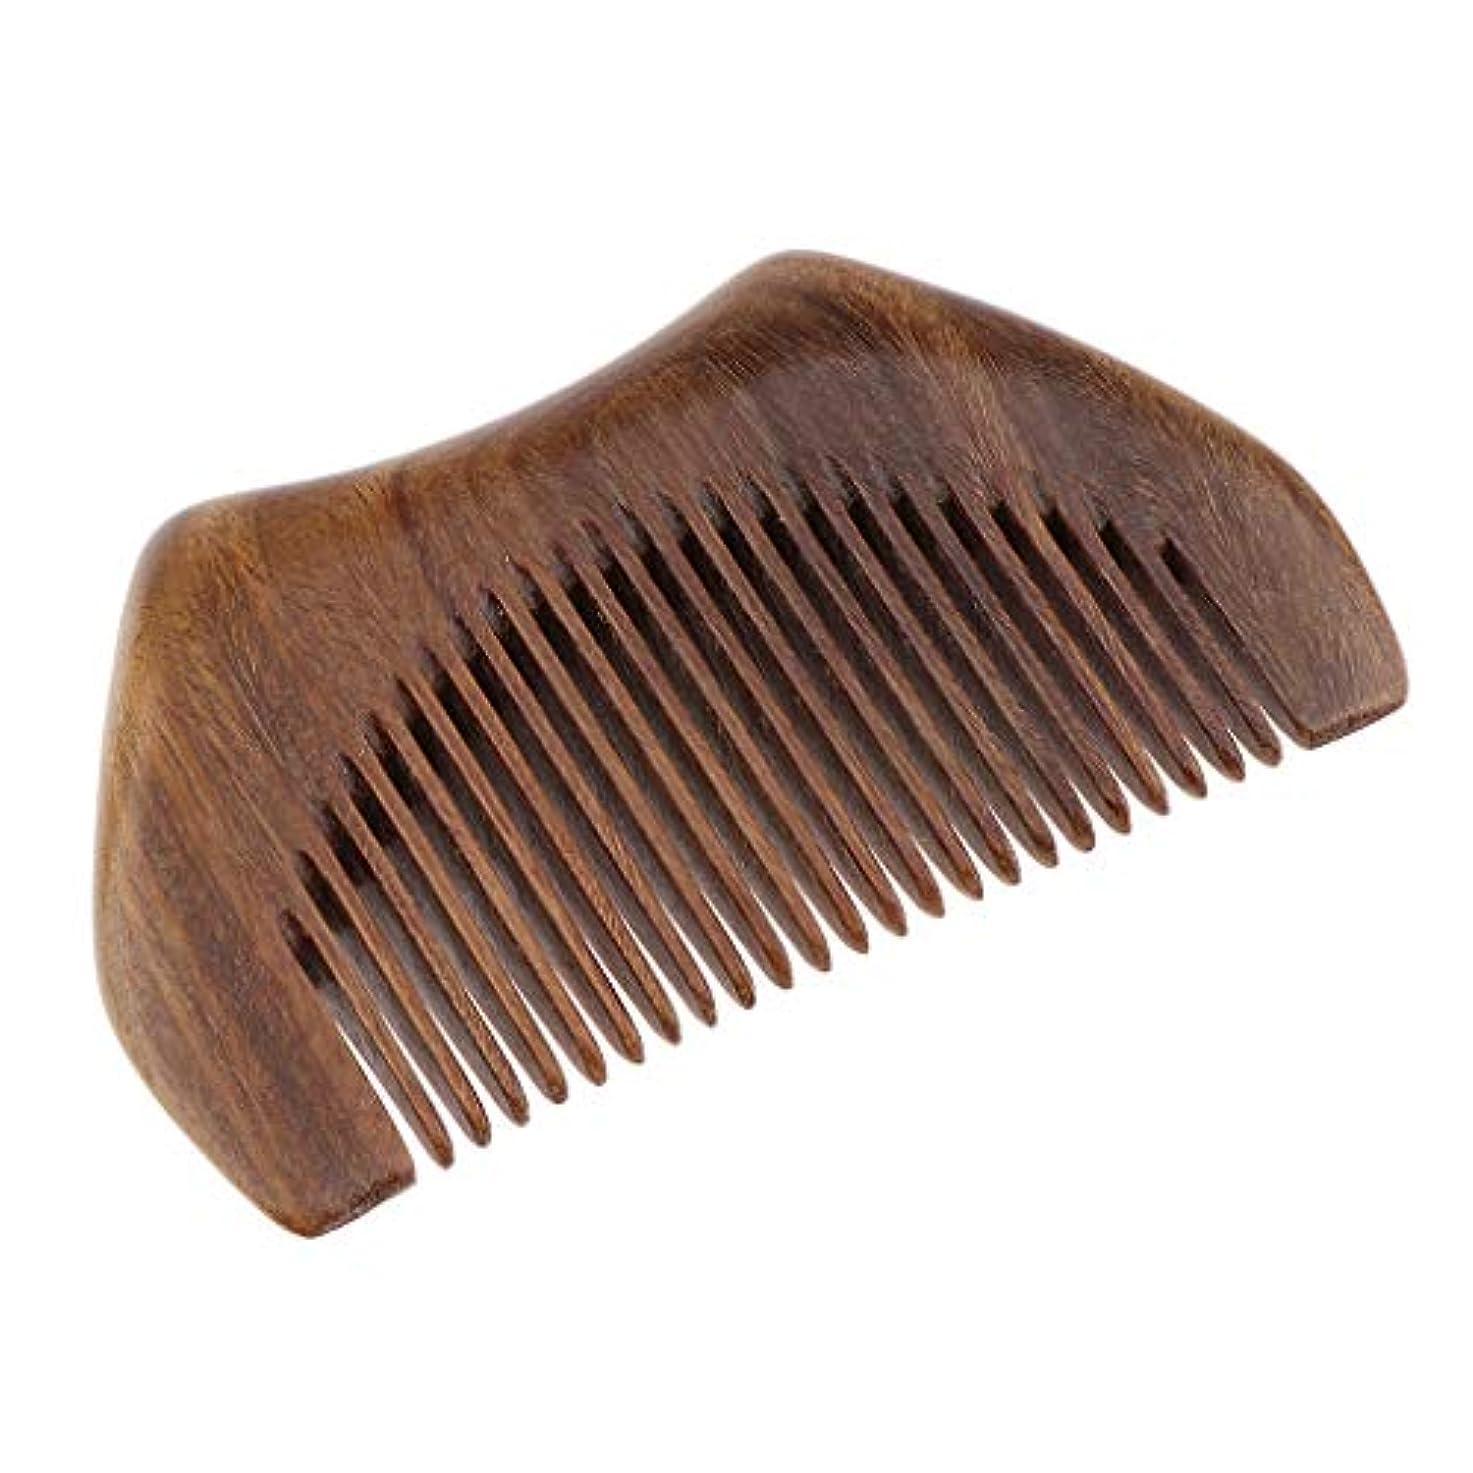 適度に通訳ふつうヘアコーム 木製櫛 ヘアブラシ ヘアスタイリング マッサージャー プレゼント